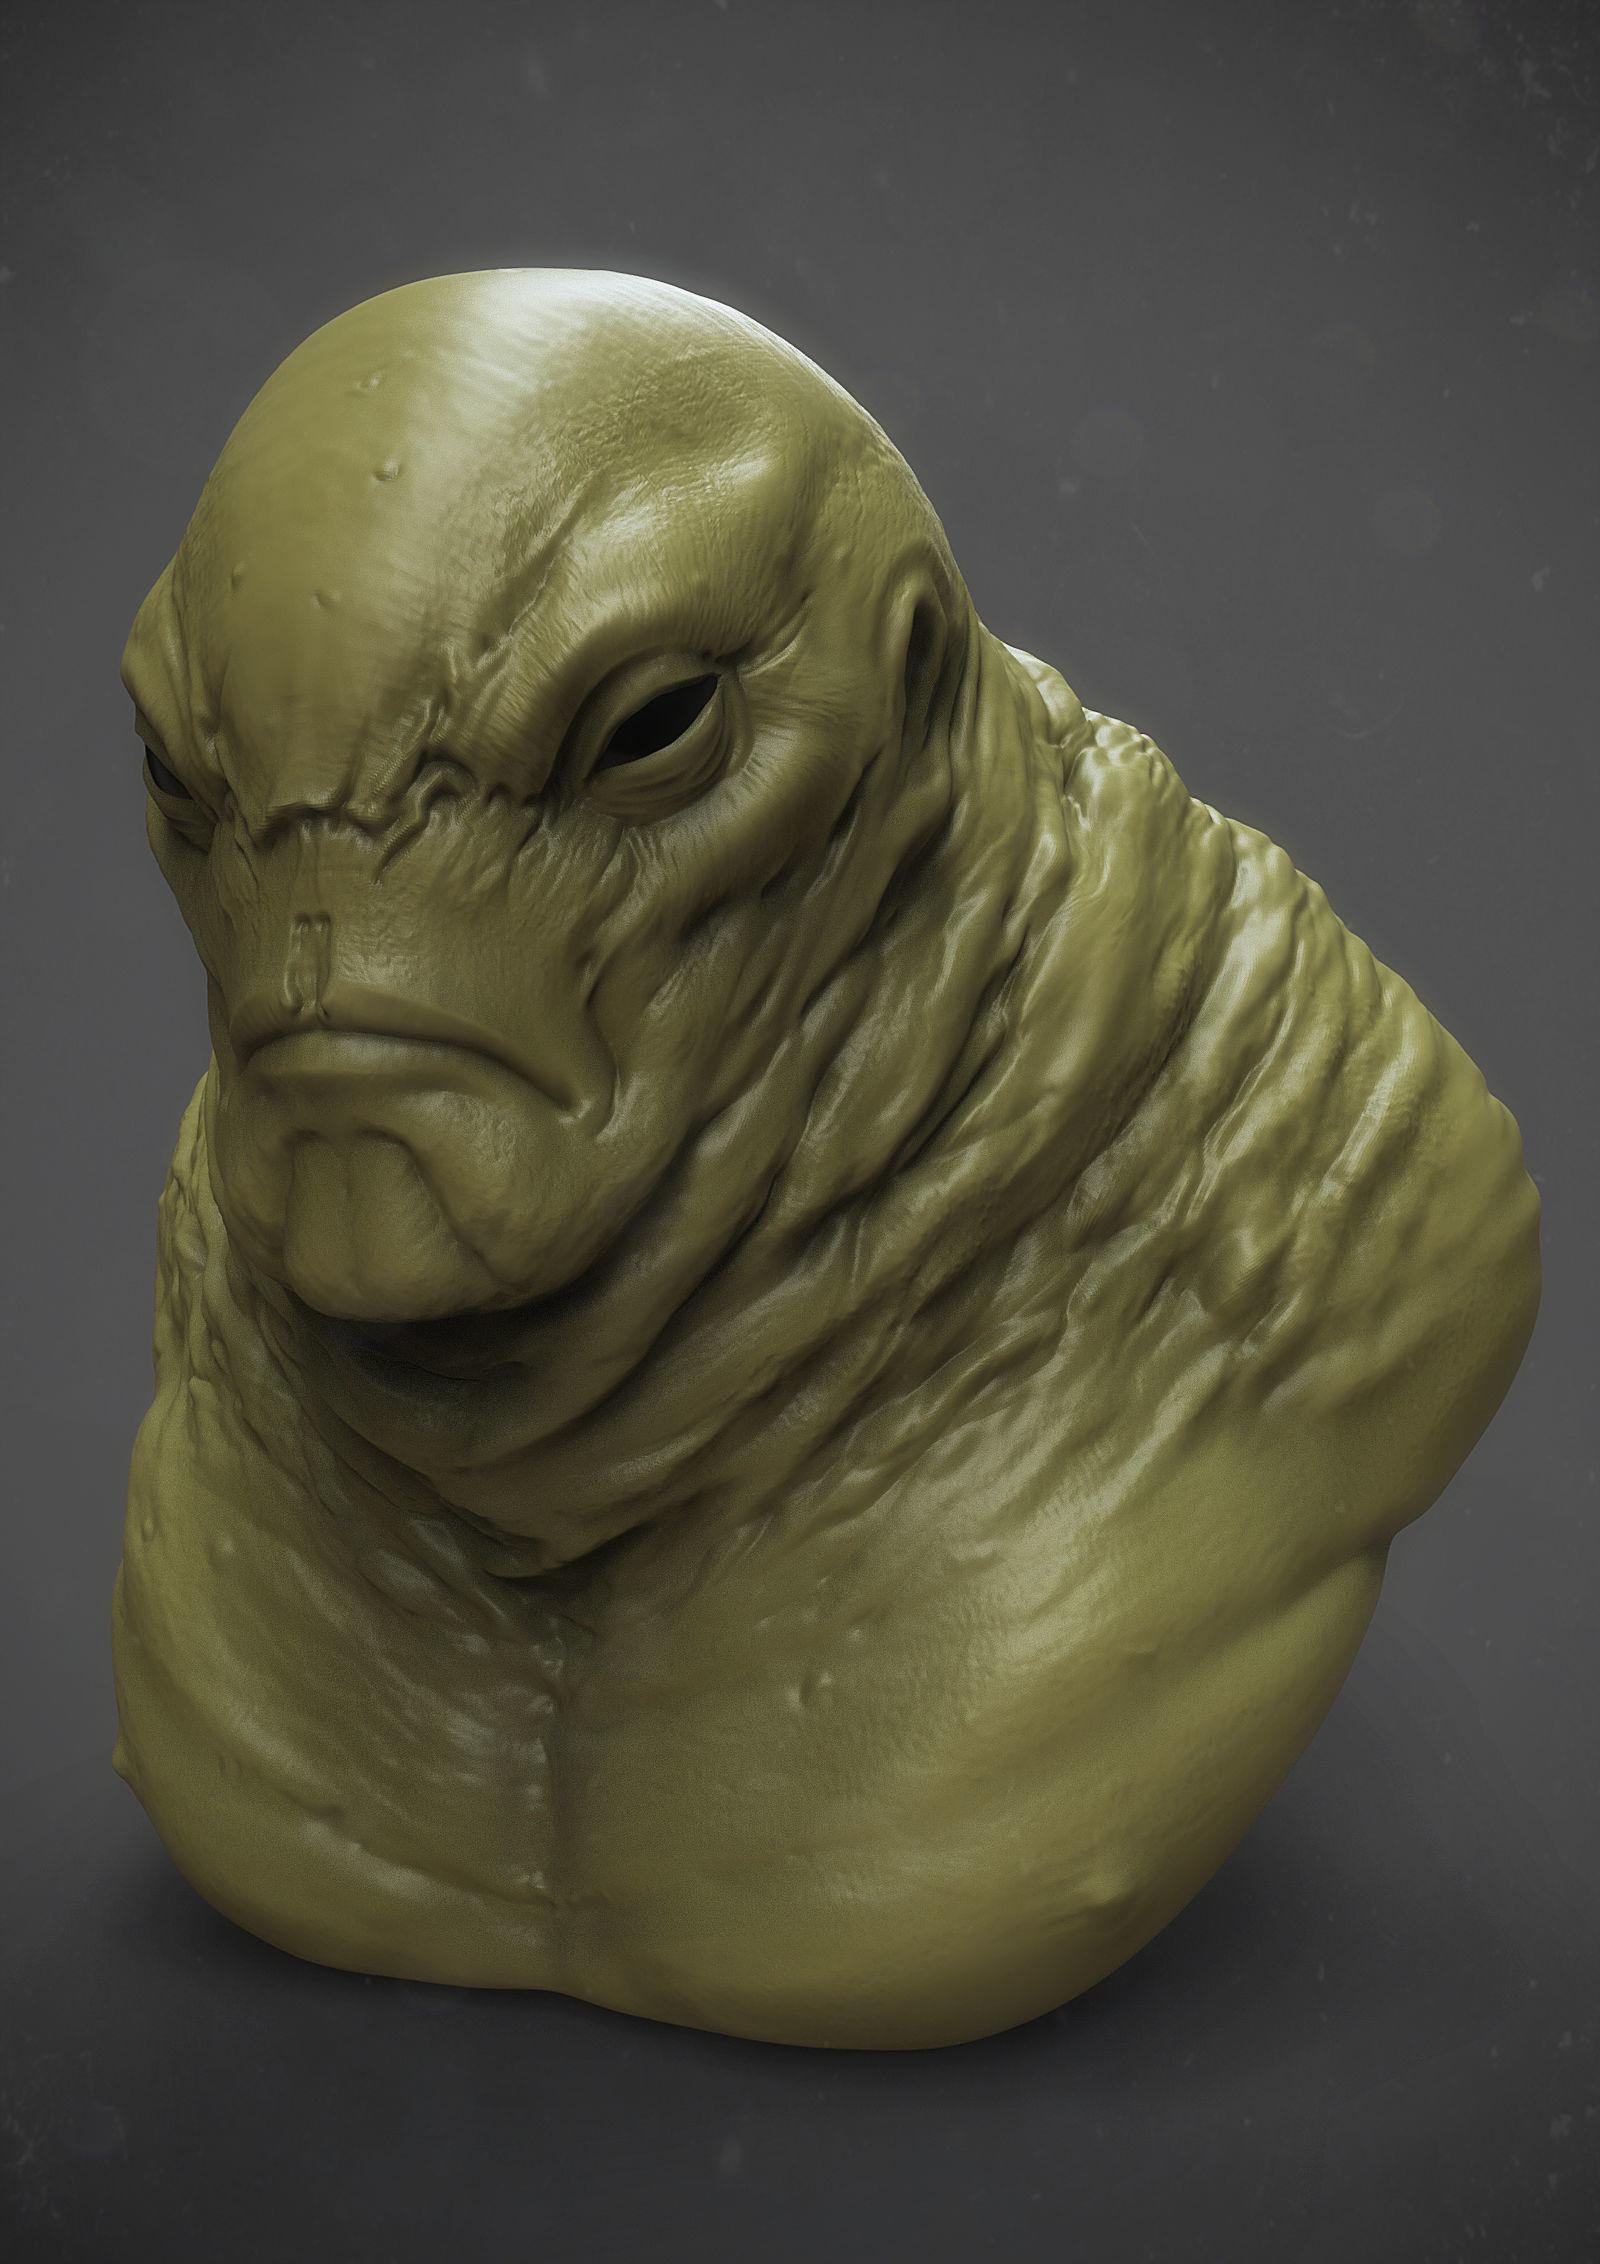 Monster fat guy for 3d printing